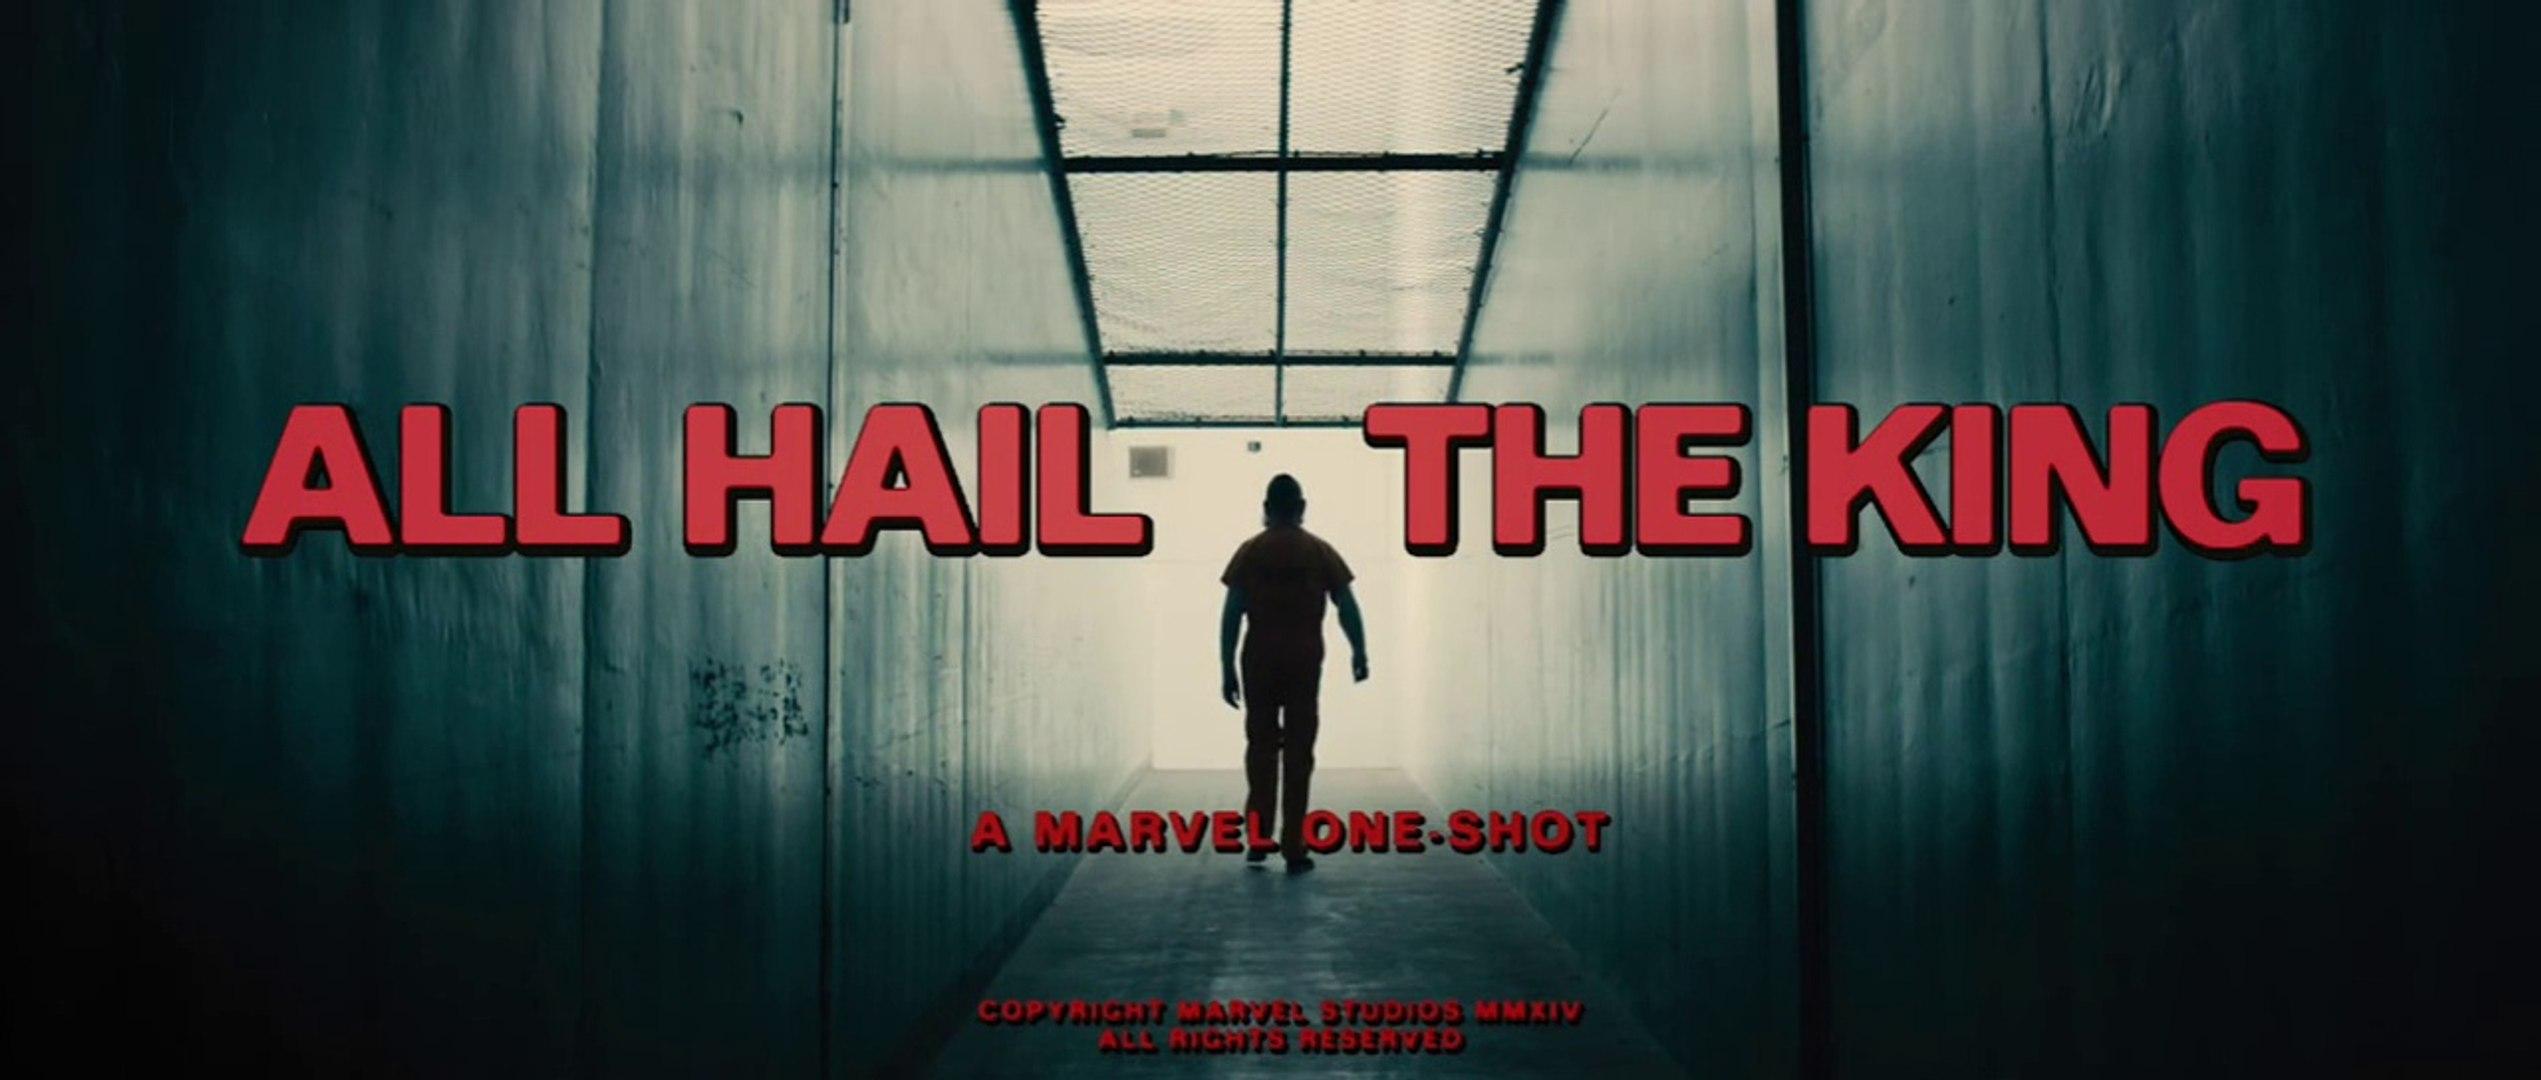 5 2014 Marvel One Shot All Hail The King Subtítulos Español Vídeo Dailymotion